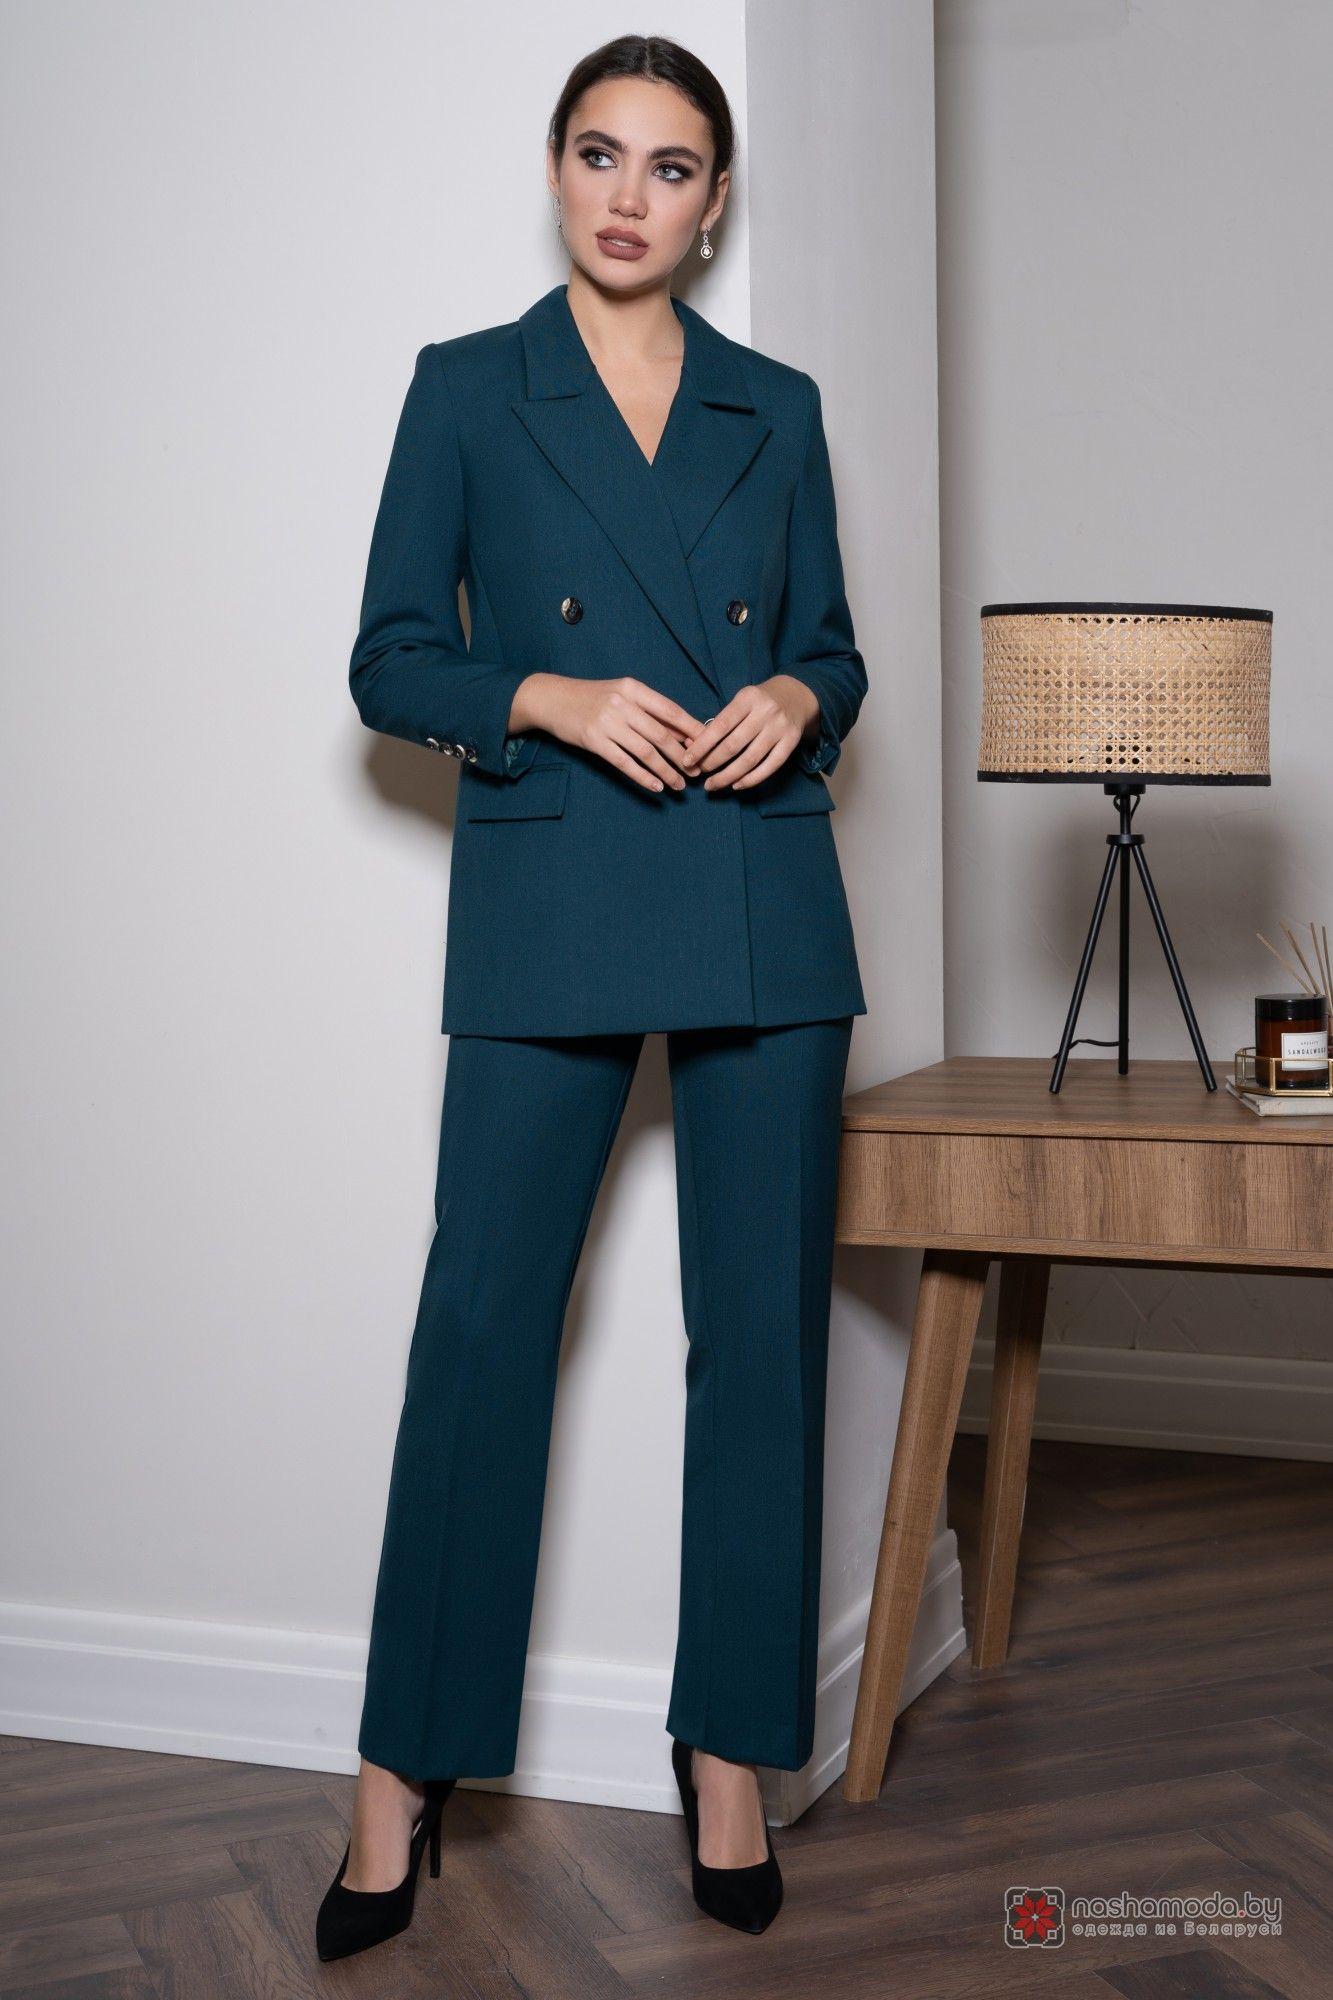 Модели классических костюмов для работы работа девушке без опыта киров